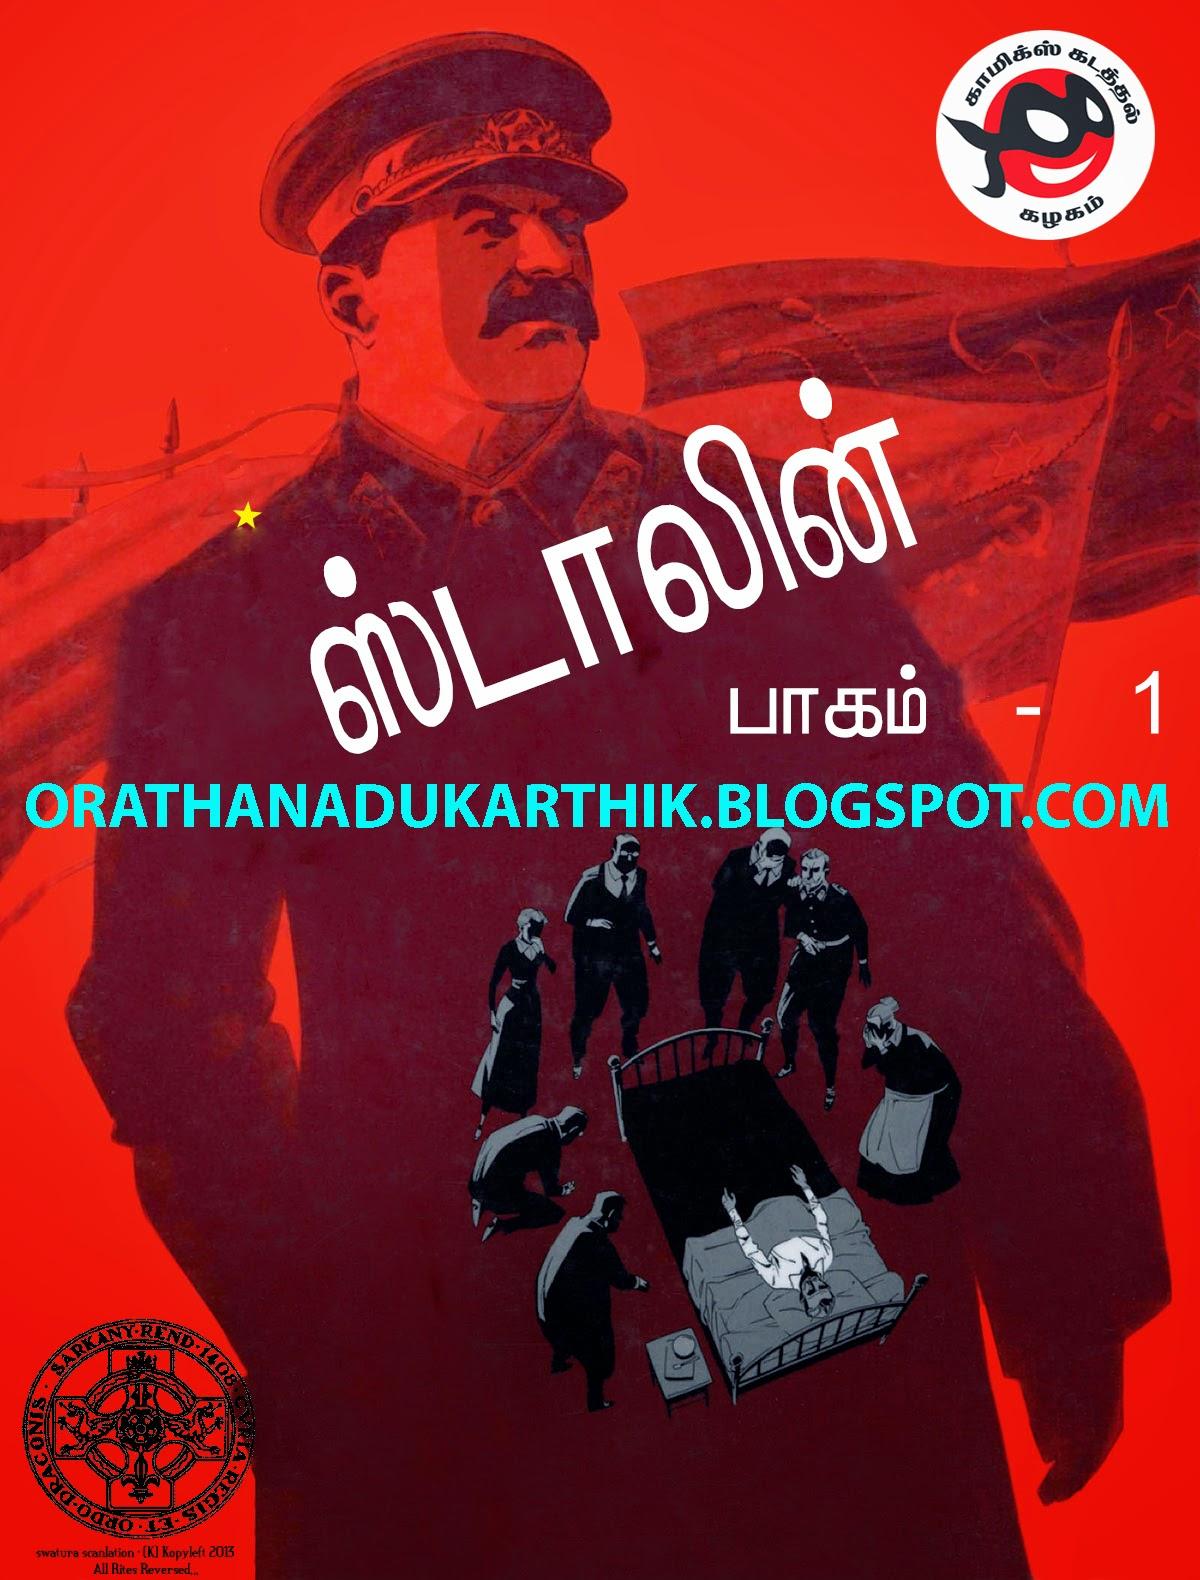 ஸ்டாலின் தமிழ் காமிக்ஸ் (தமிழில் மொழி பெயர்ப்பு செய்யப்பட்ட காமிக்ஸ்) Stalin_01+copy